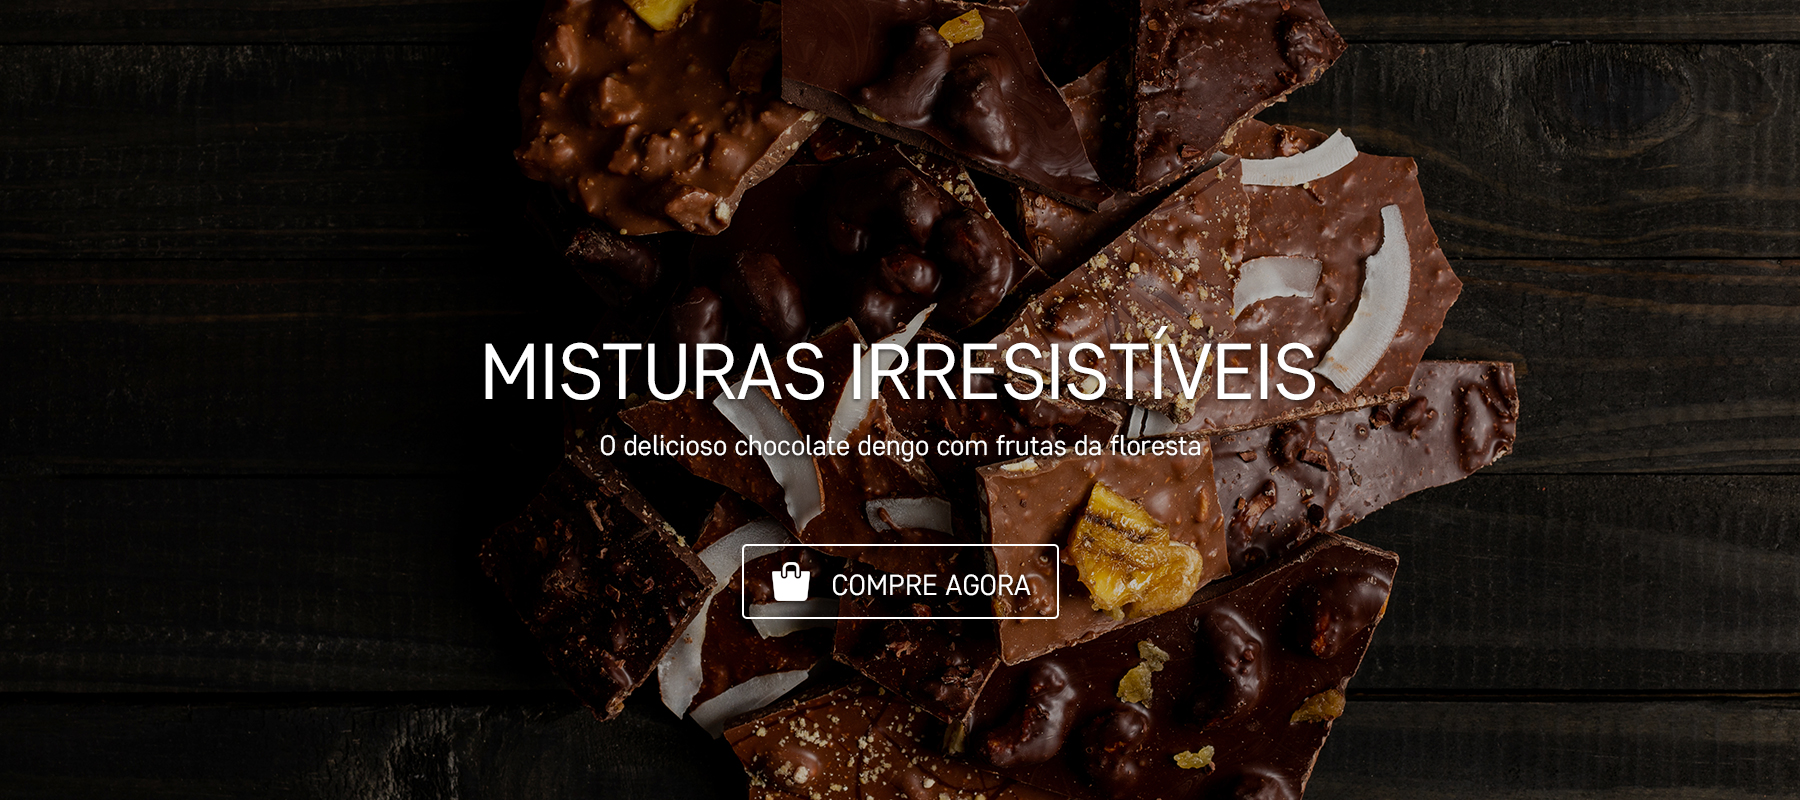 Misturas irresistíveis